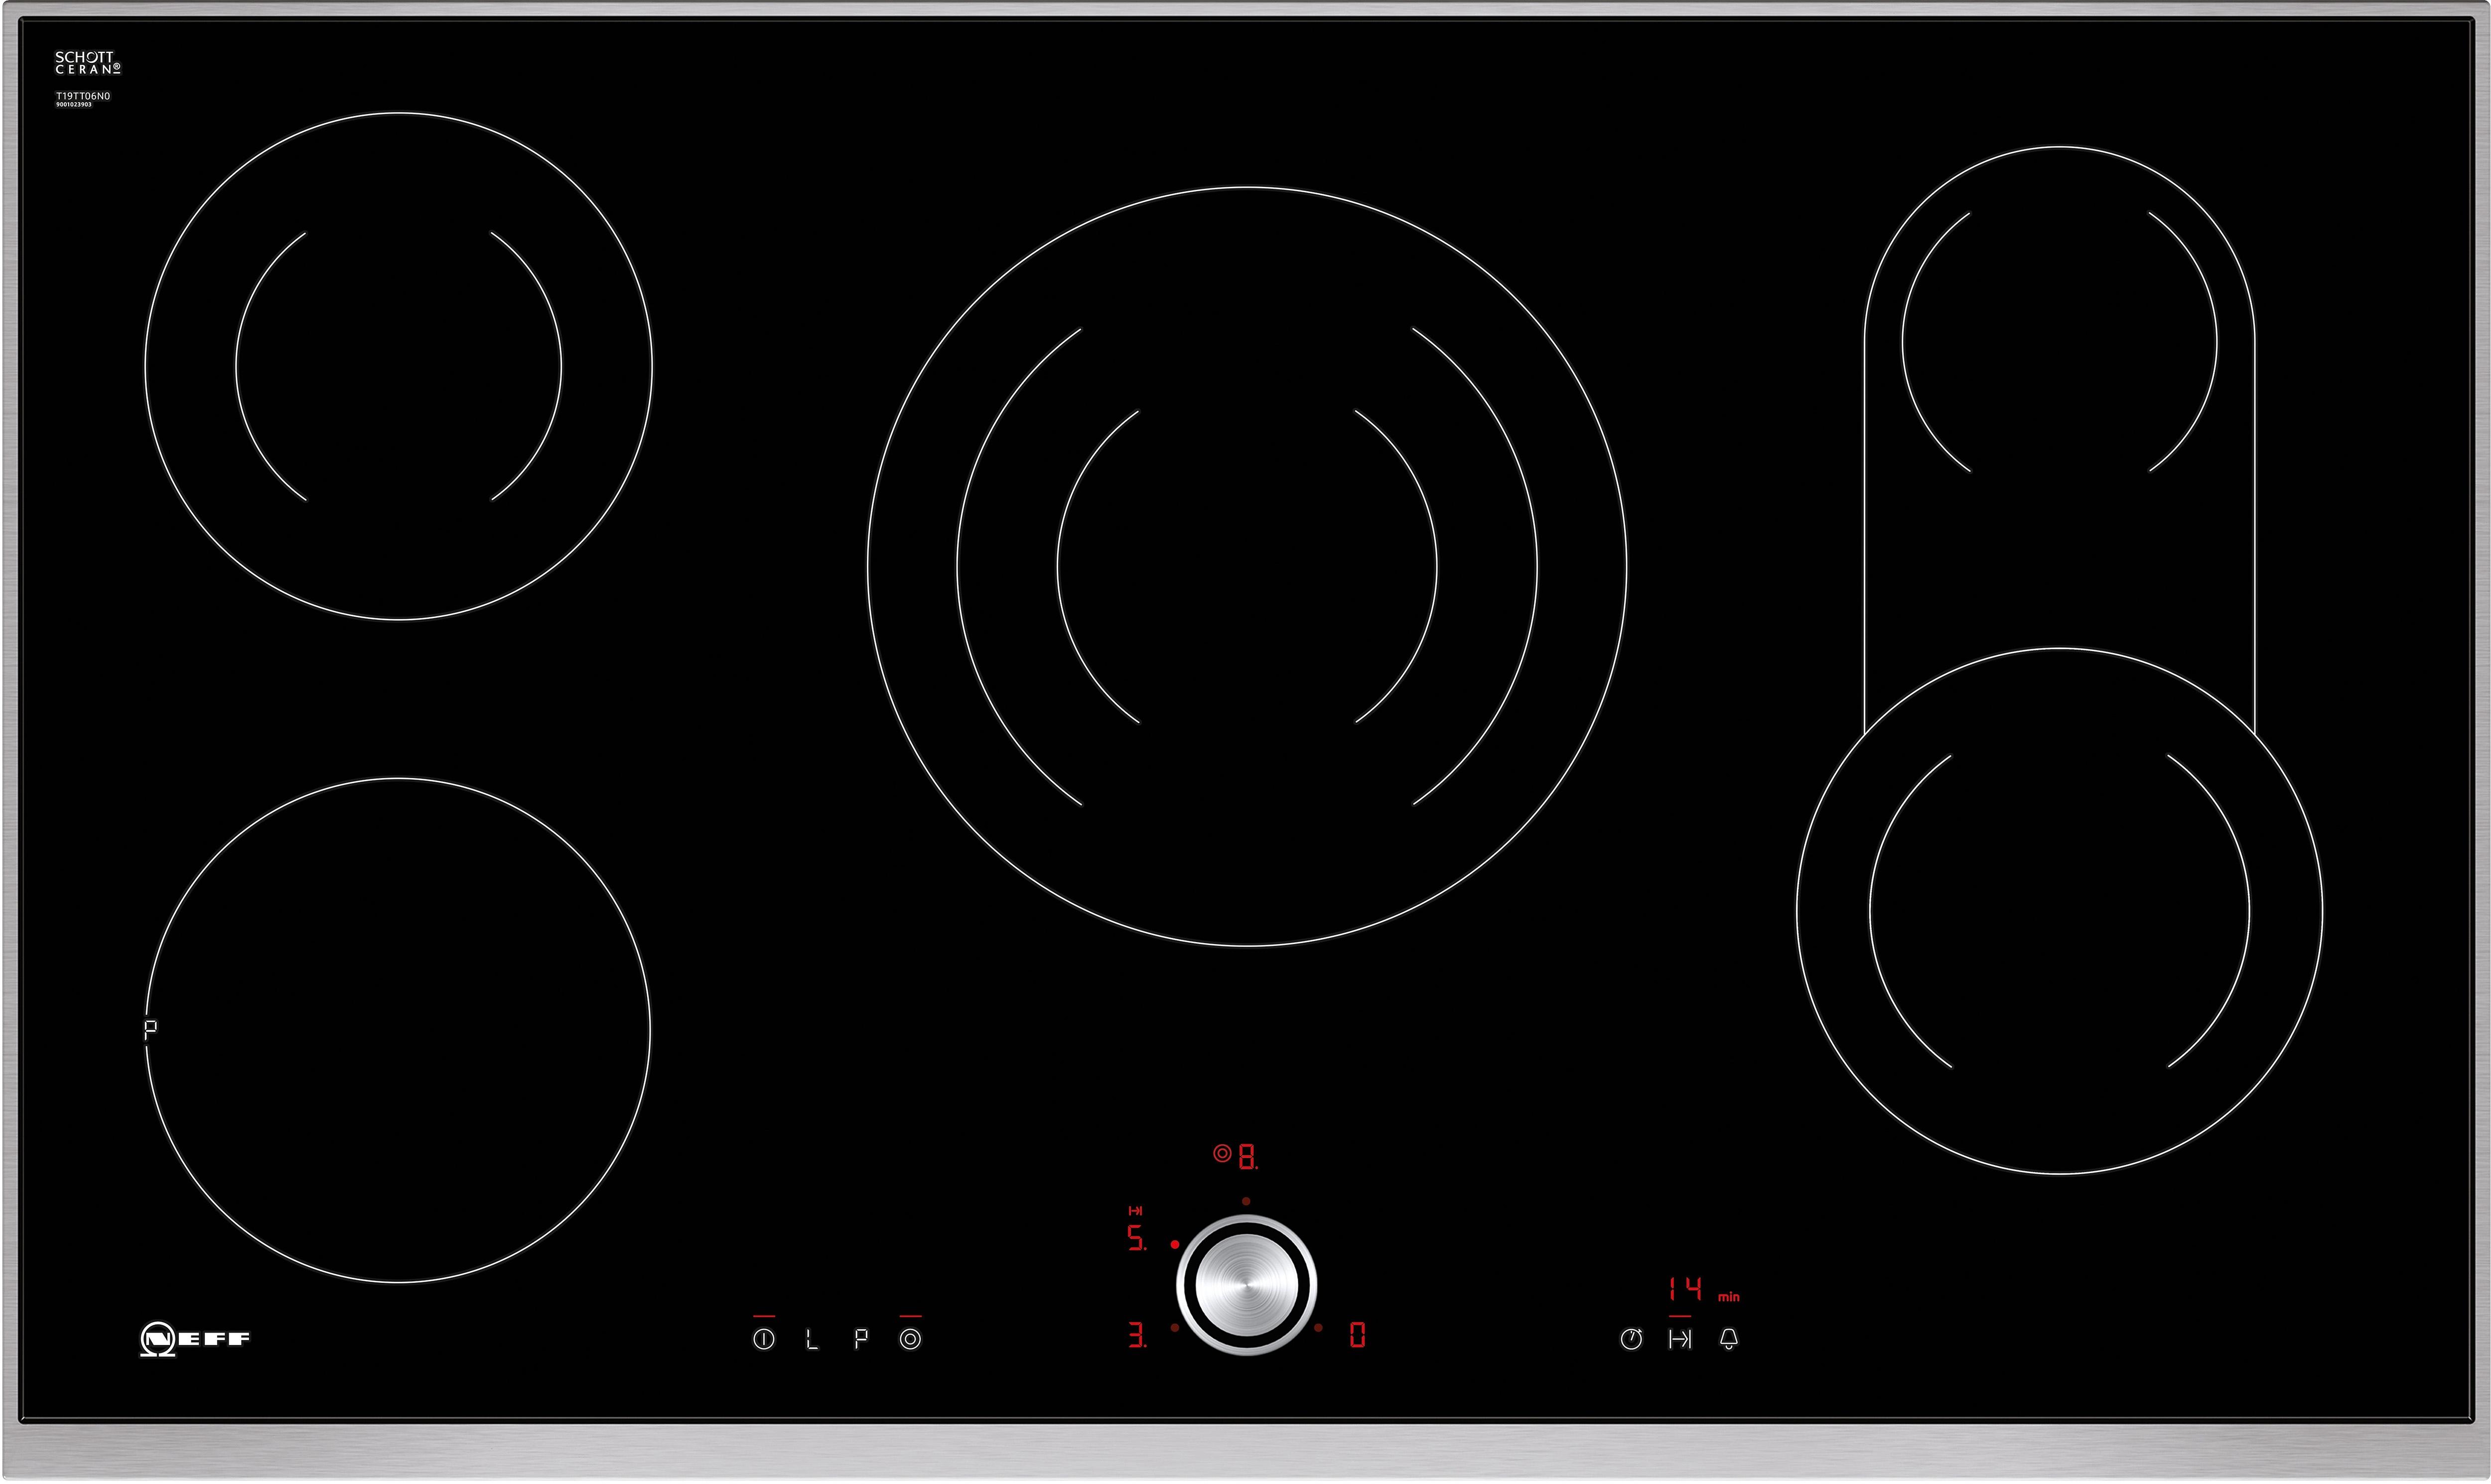 neff keramische kookplaat met twistpad flat bediening ttt 1906 n t19tt06n0 in de online shop. Black Bedroom Furniture Sets. Home Design Ideas